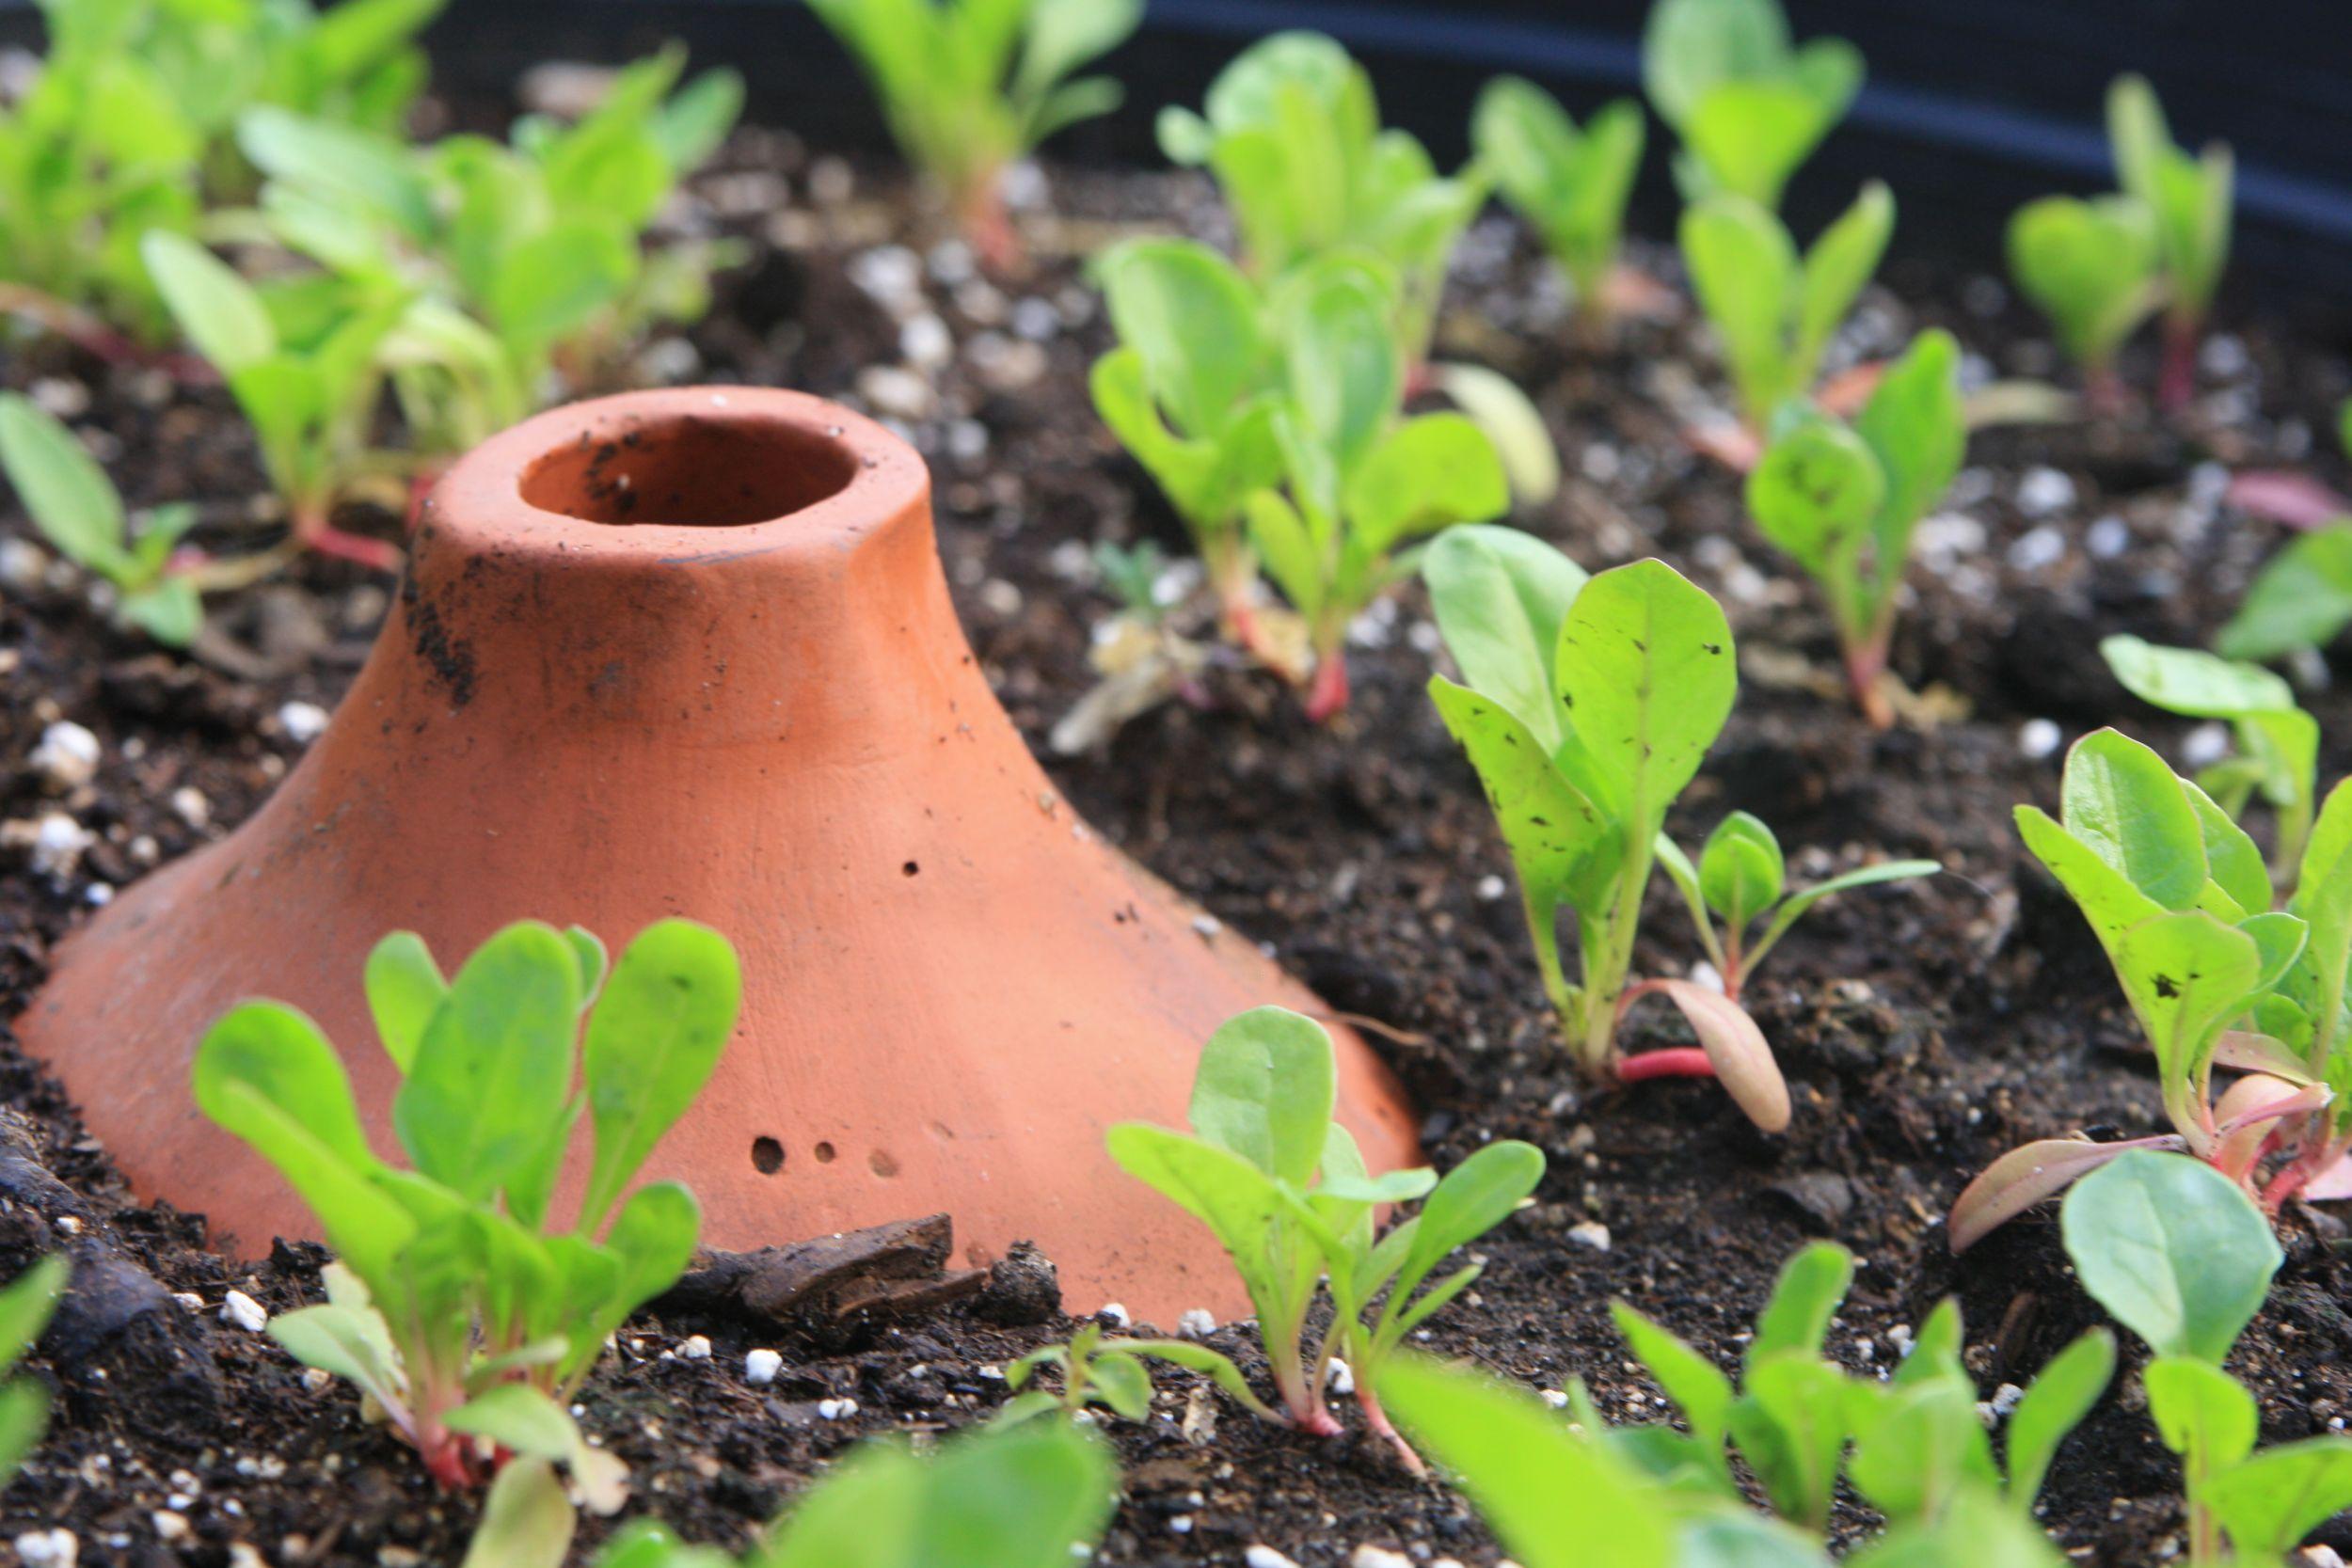 Sistema de irrigação artesanal.  Foto: The Urban Homesteaders / Divulgação